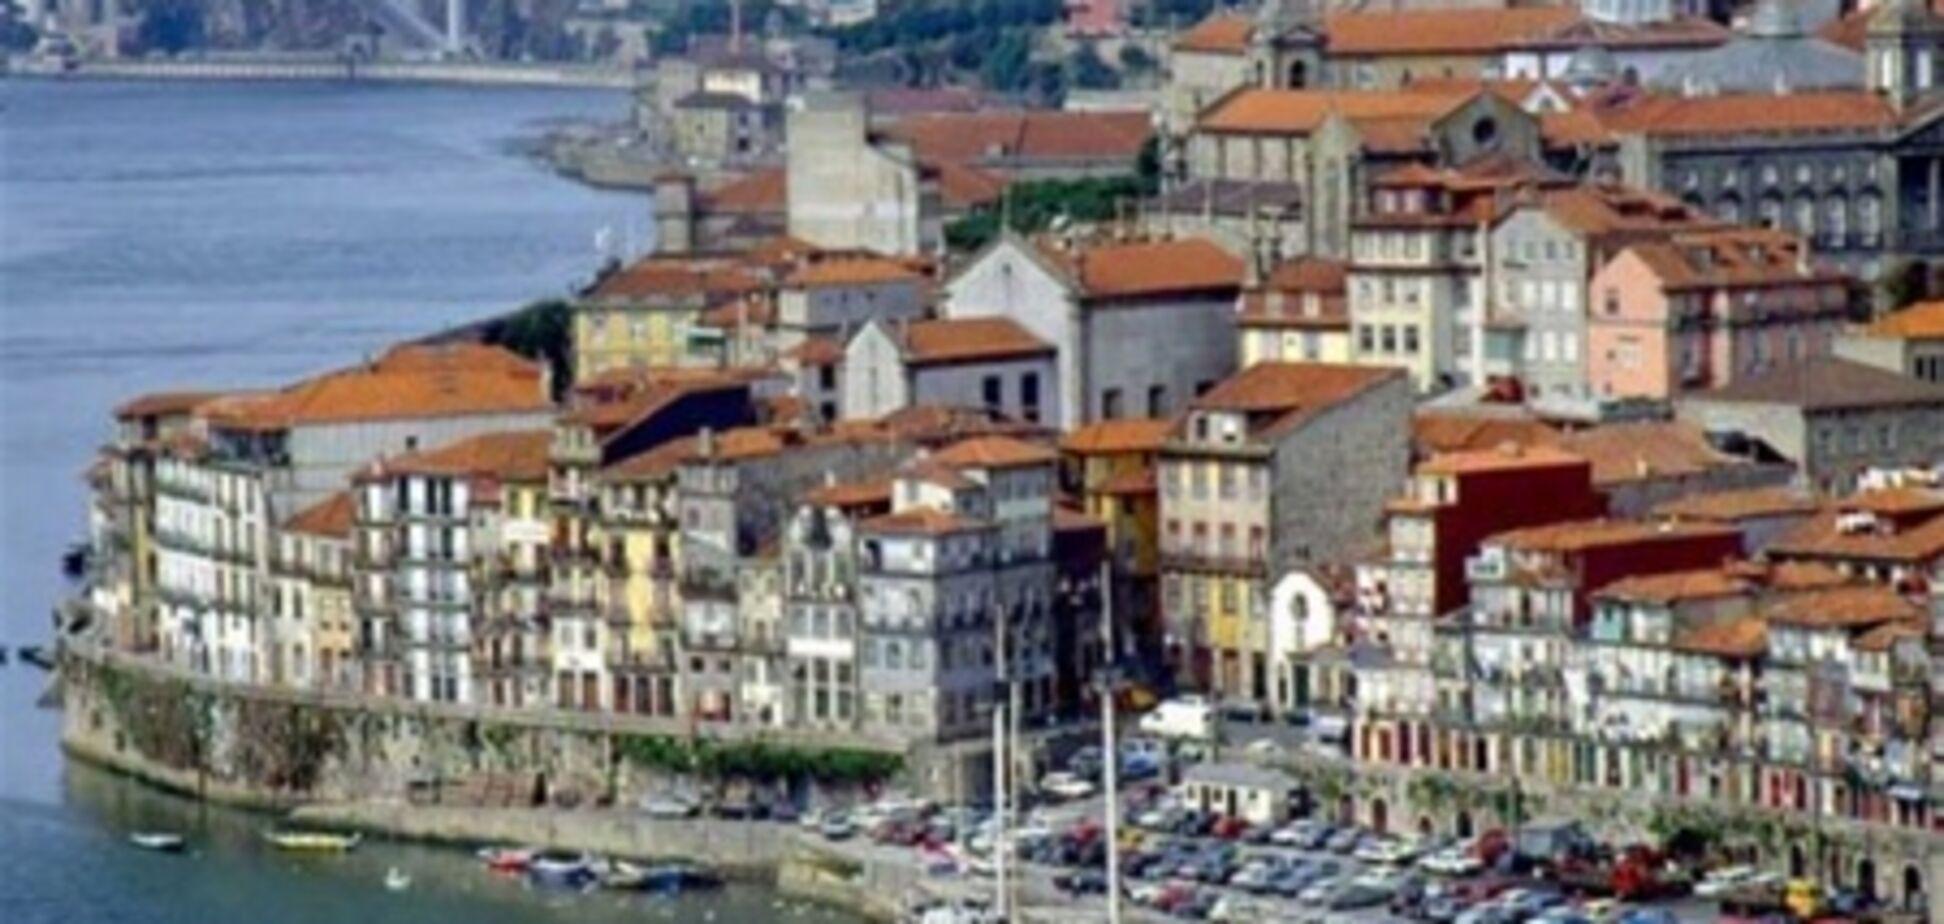 Во Франции назвали самые популярные районы для приобретения недвижимости